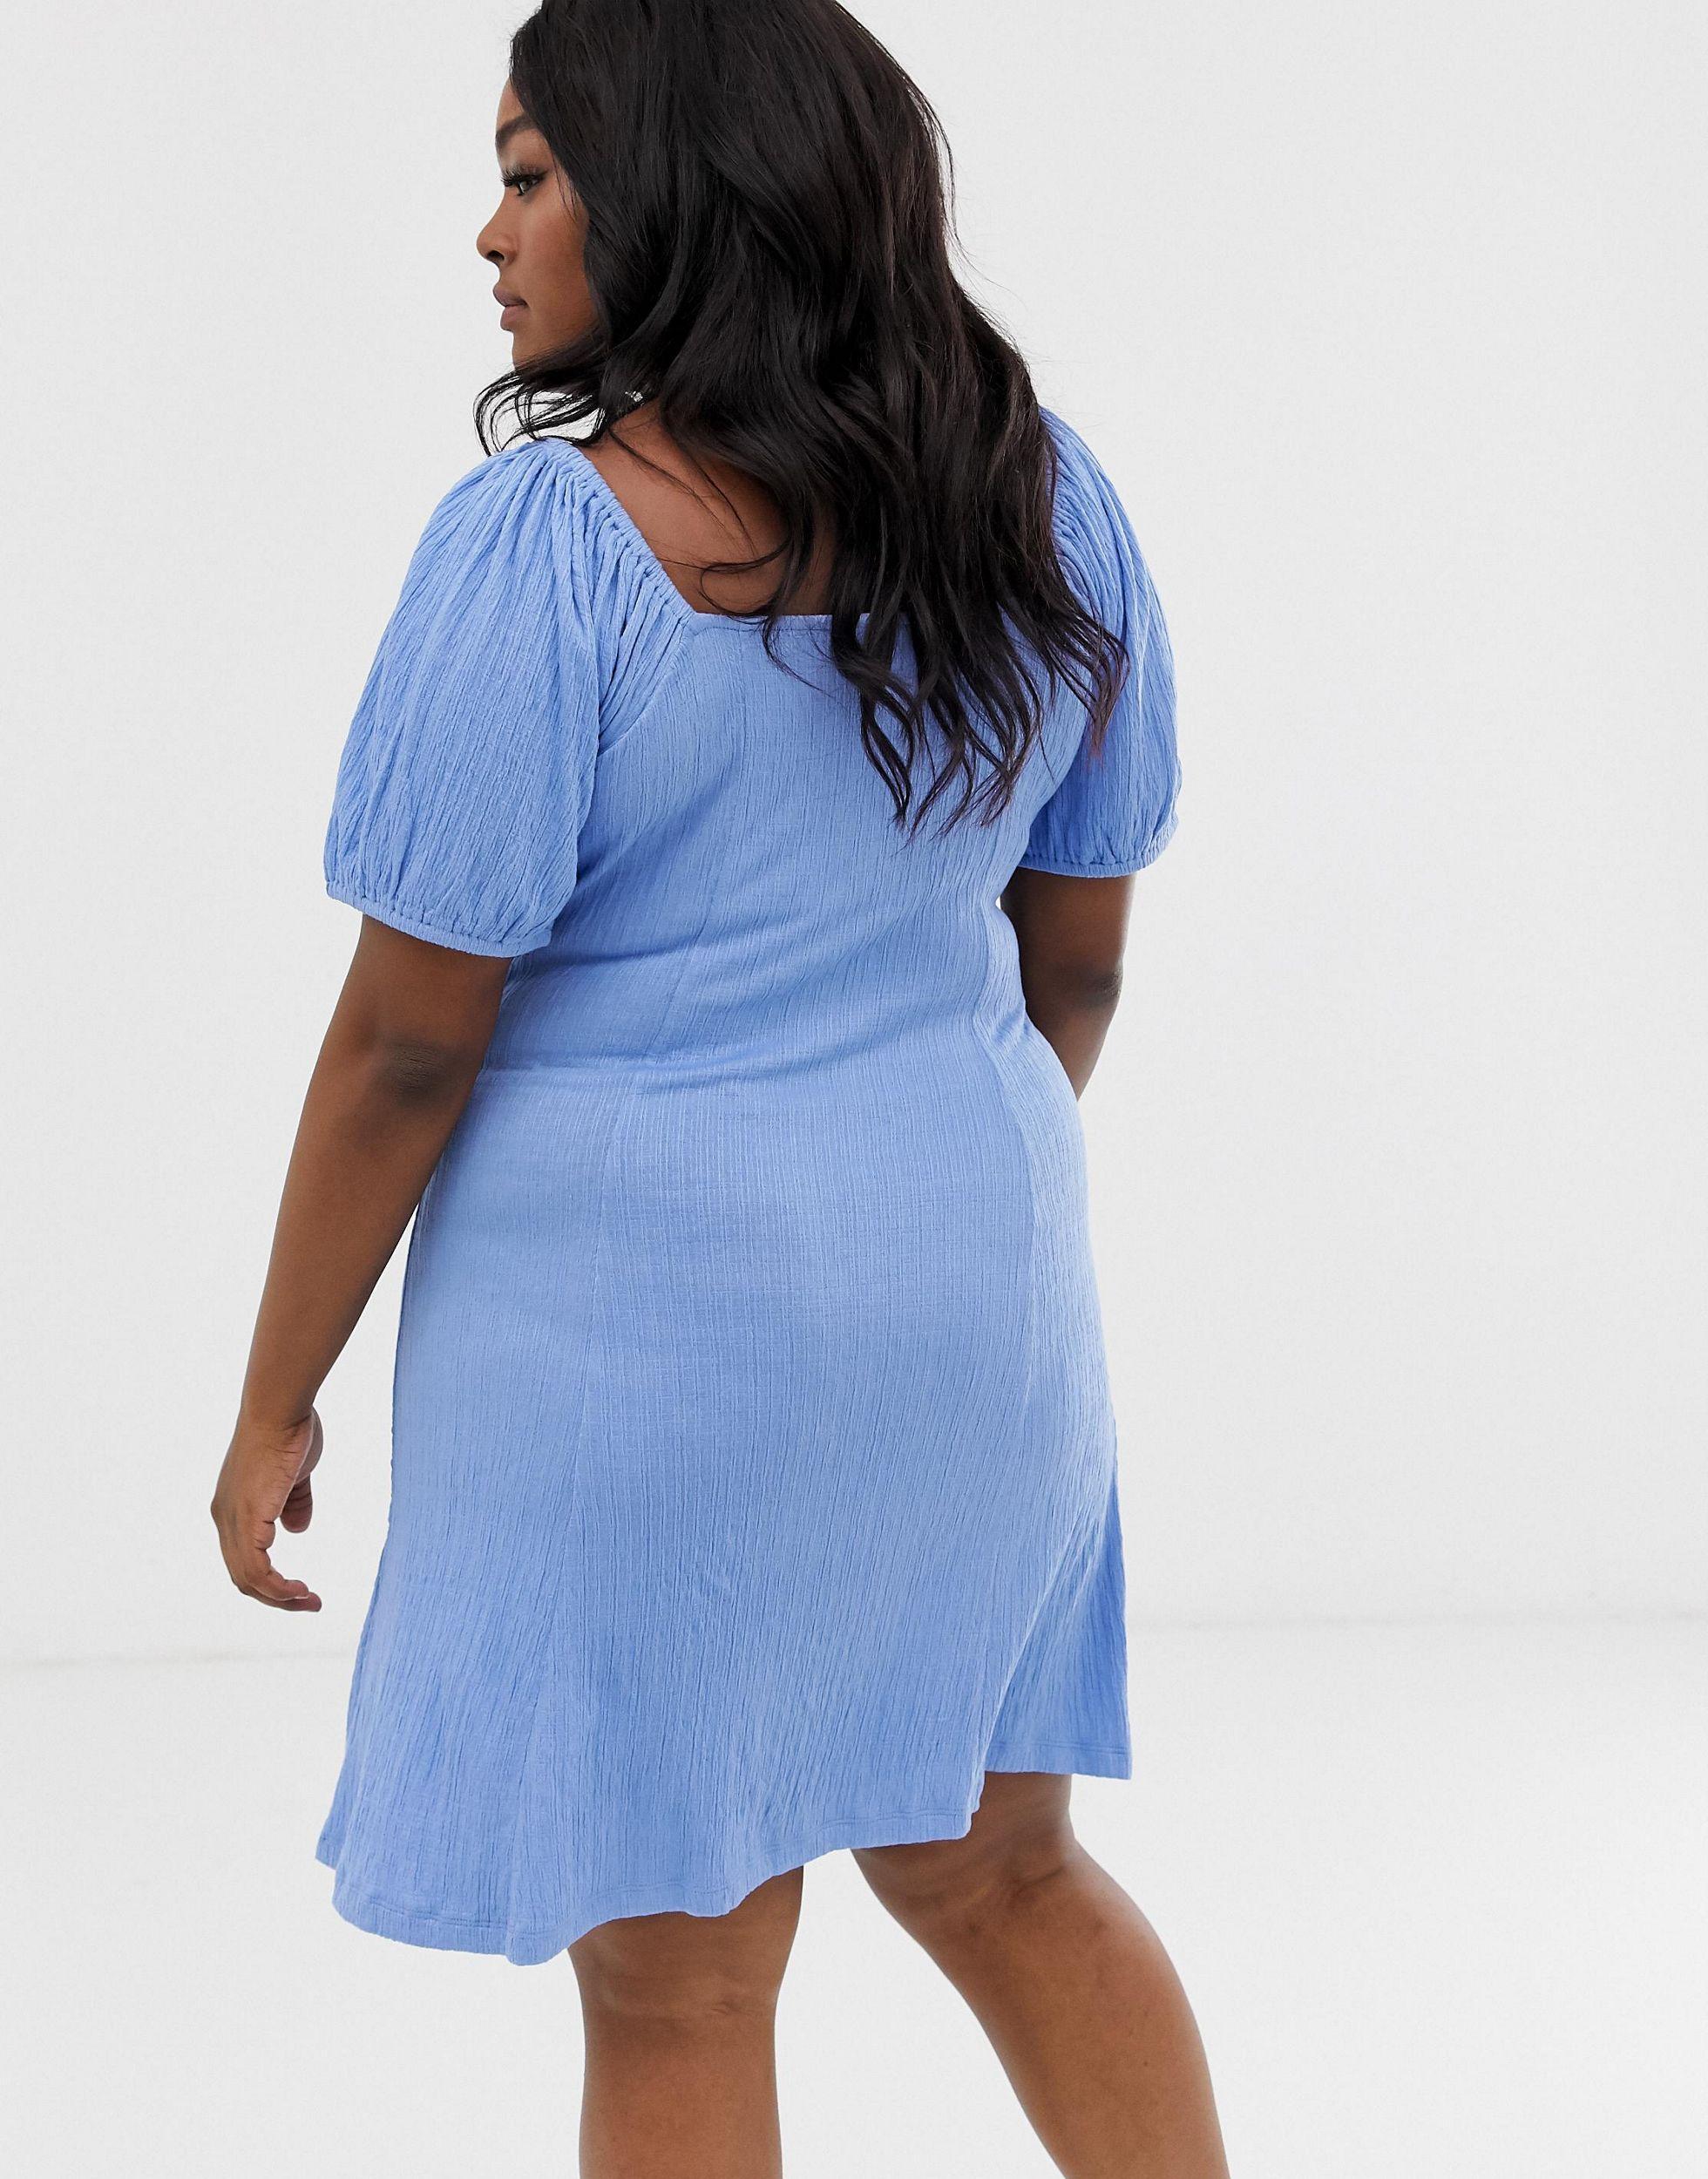 ASOS DESIGN Curve - Robe d'été boutonnée sur le devant avec nœud et manches bouffantes Coton ASOS en coloris Bleu